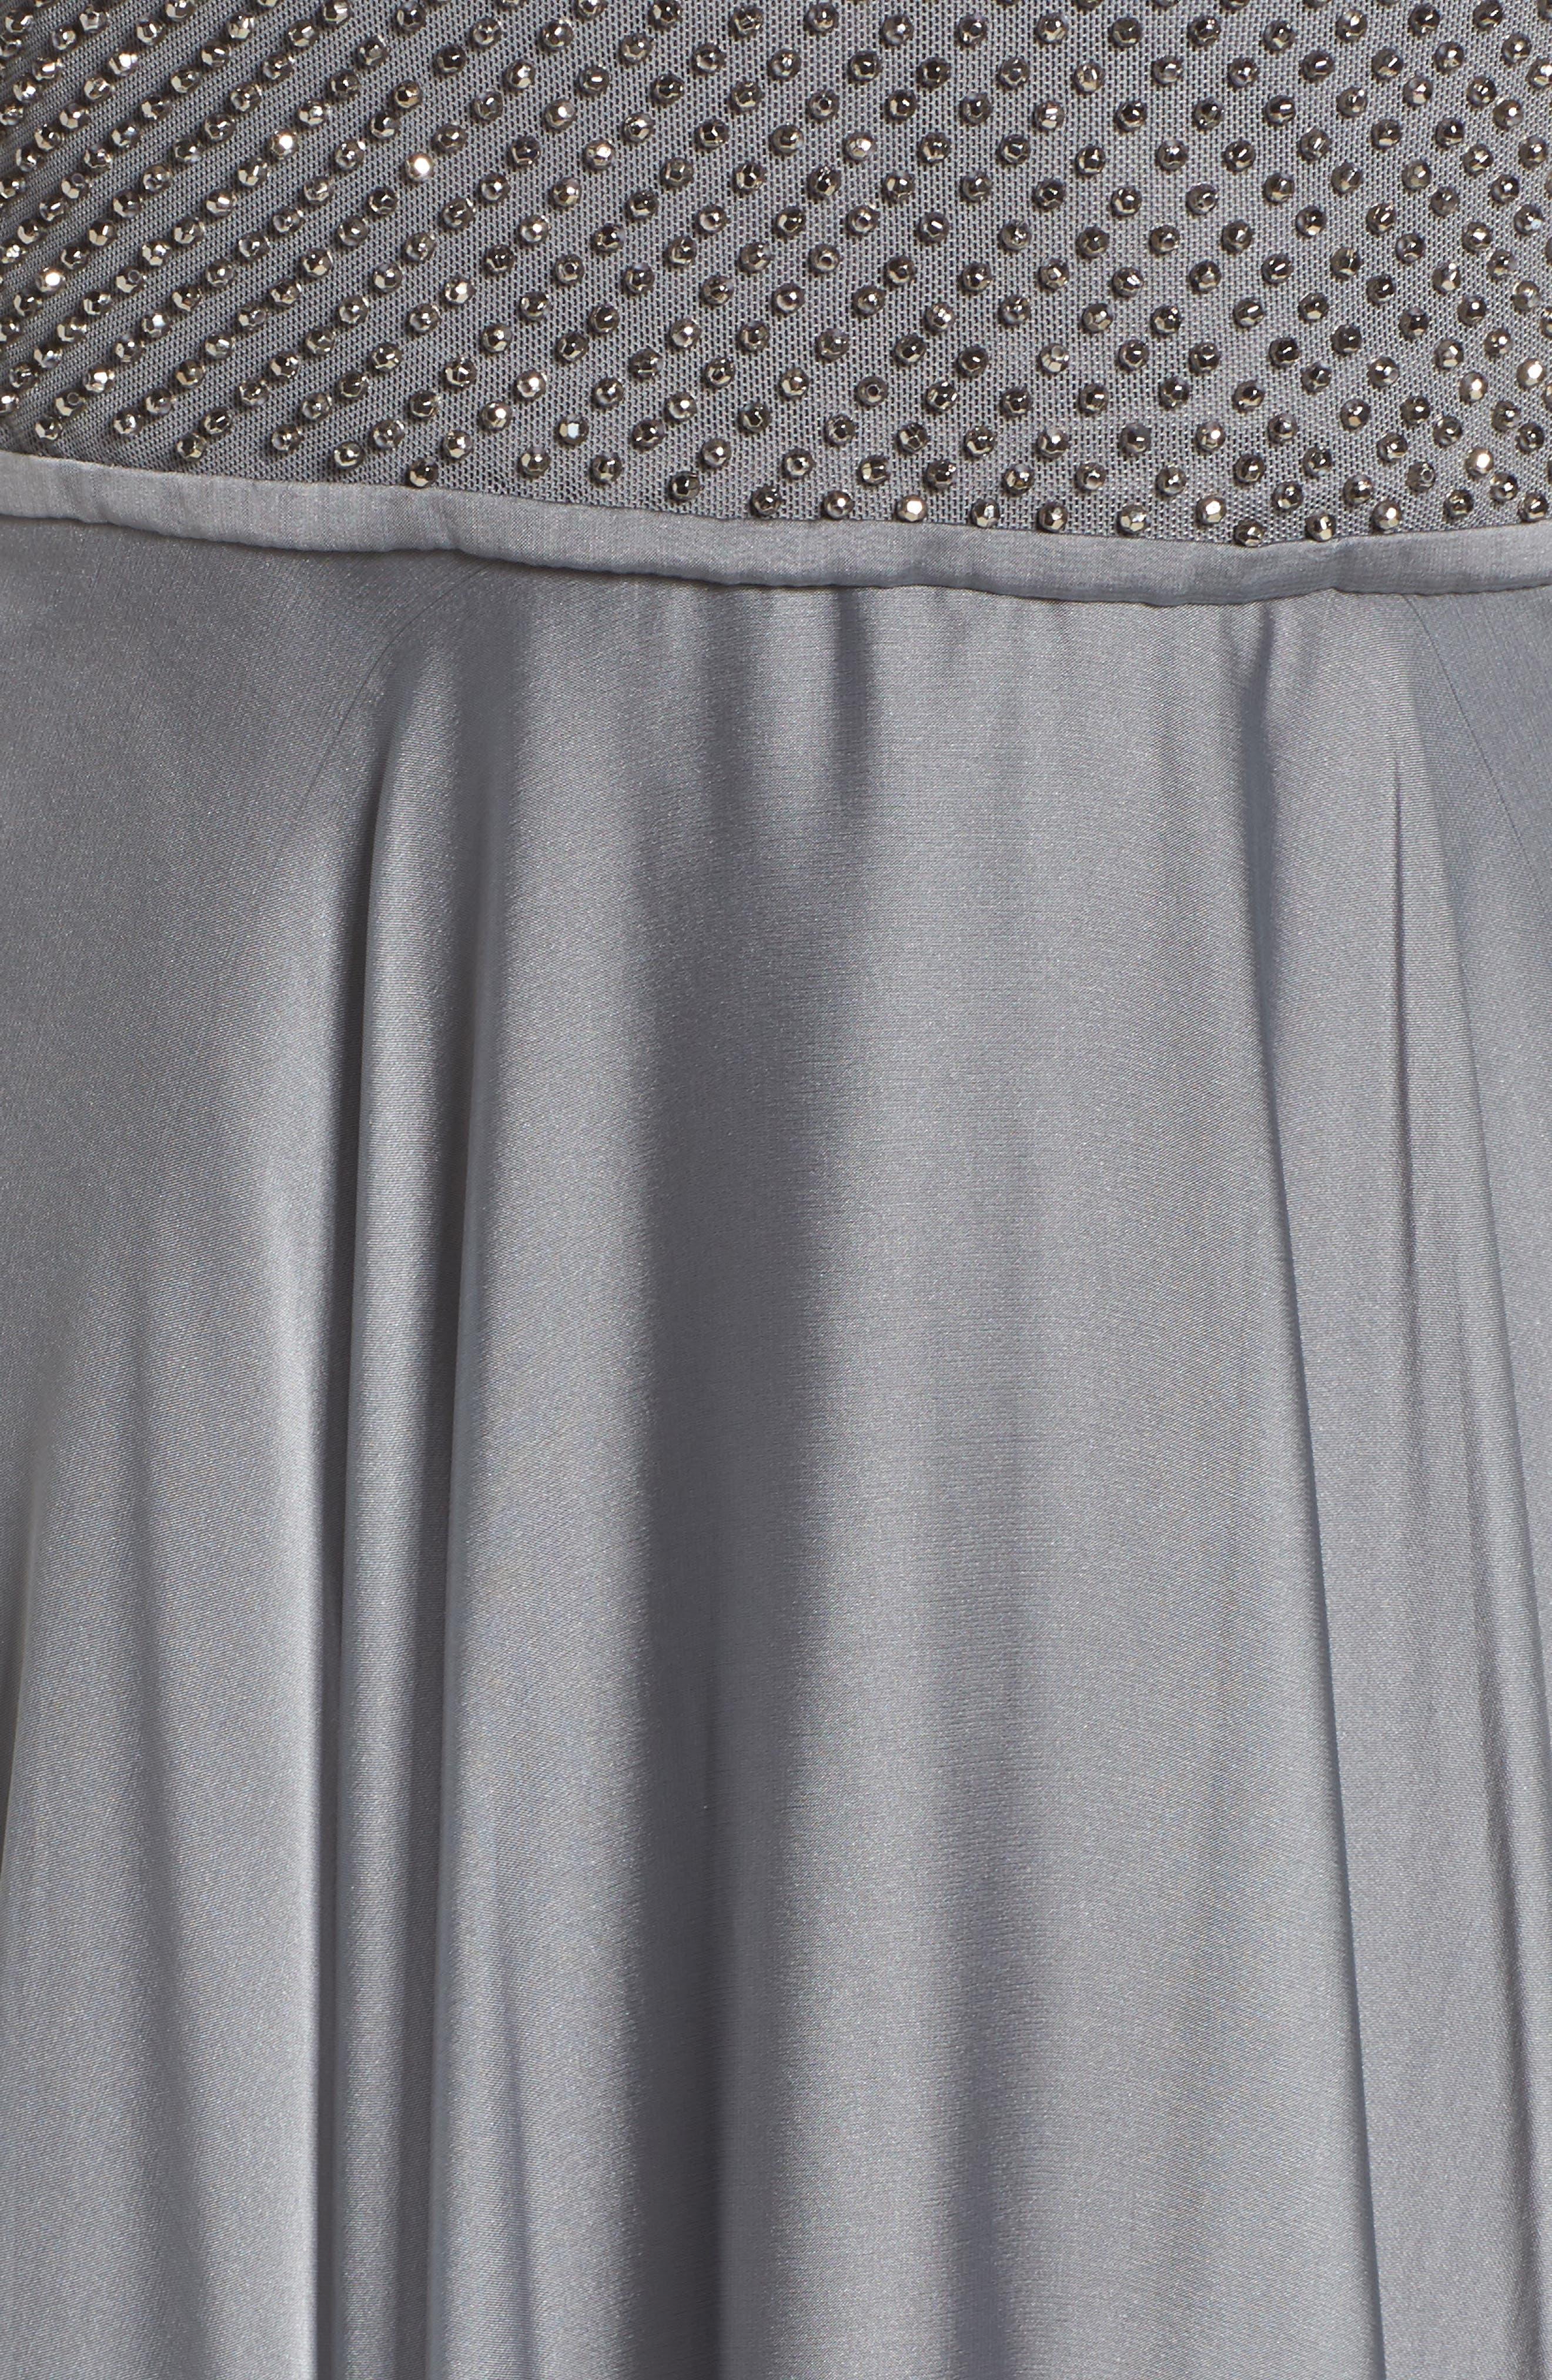 LA FEMME, Embellished Bodice Gown, Alternate thumbnail 5, color, PLATINUM